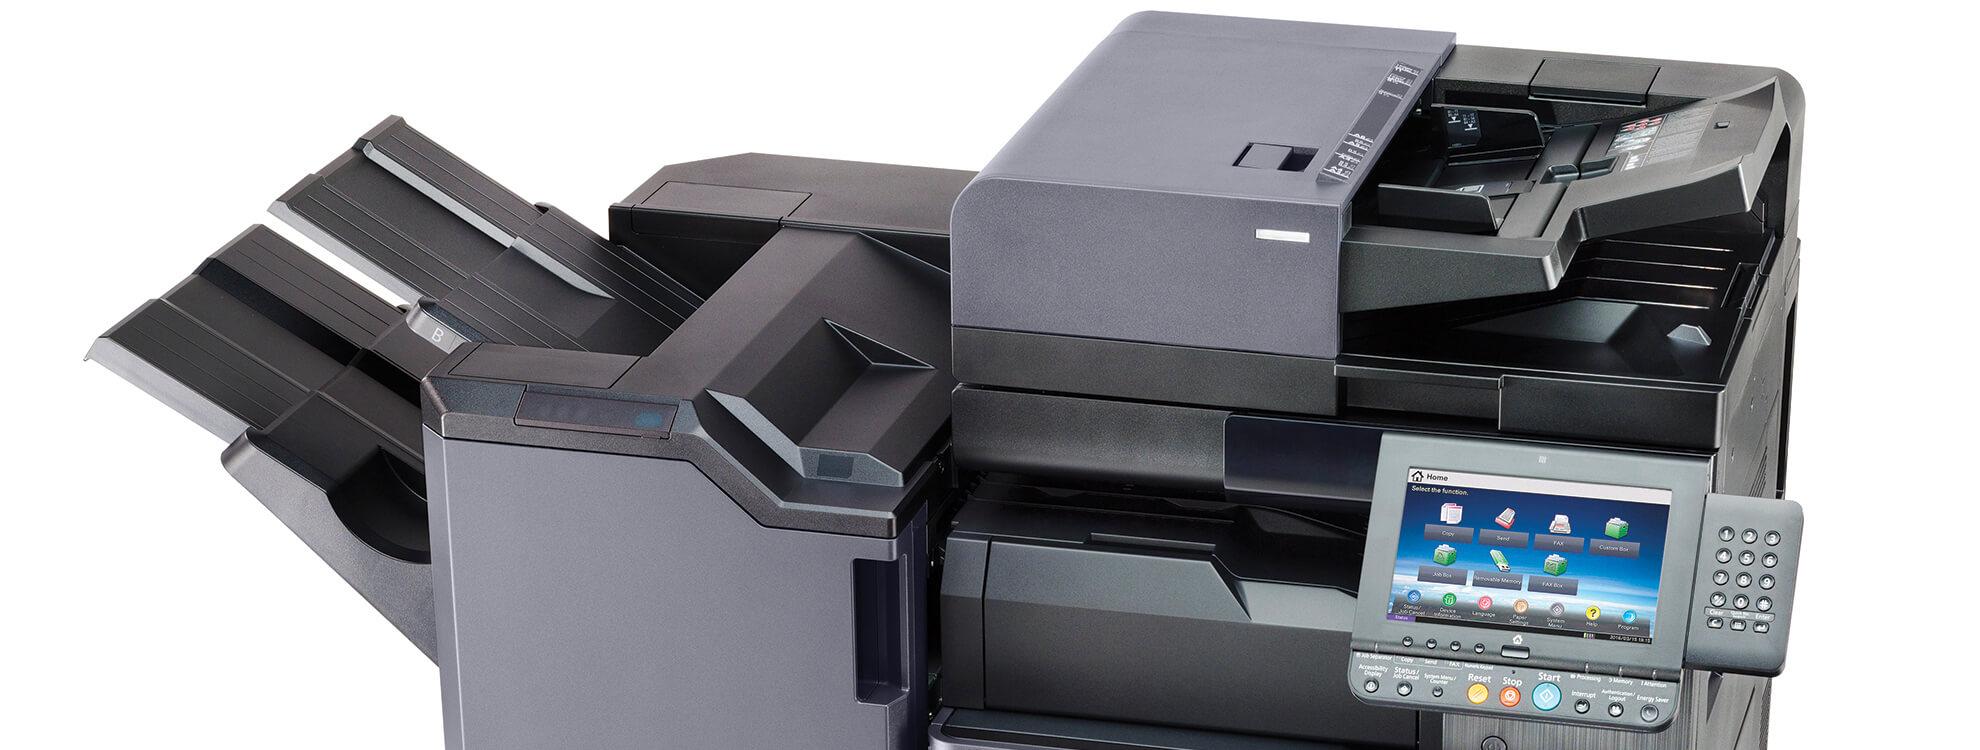 Scopri le soluzioni di stampa che progettiamo per i nostri clienti. Stampanti e multifunzioni a noleggio a gallarate